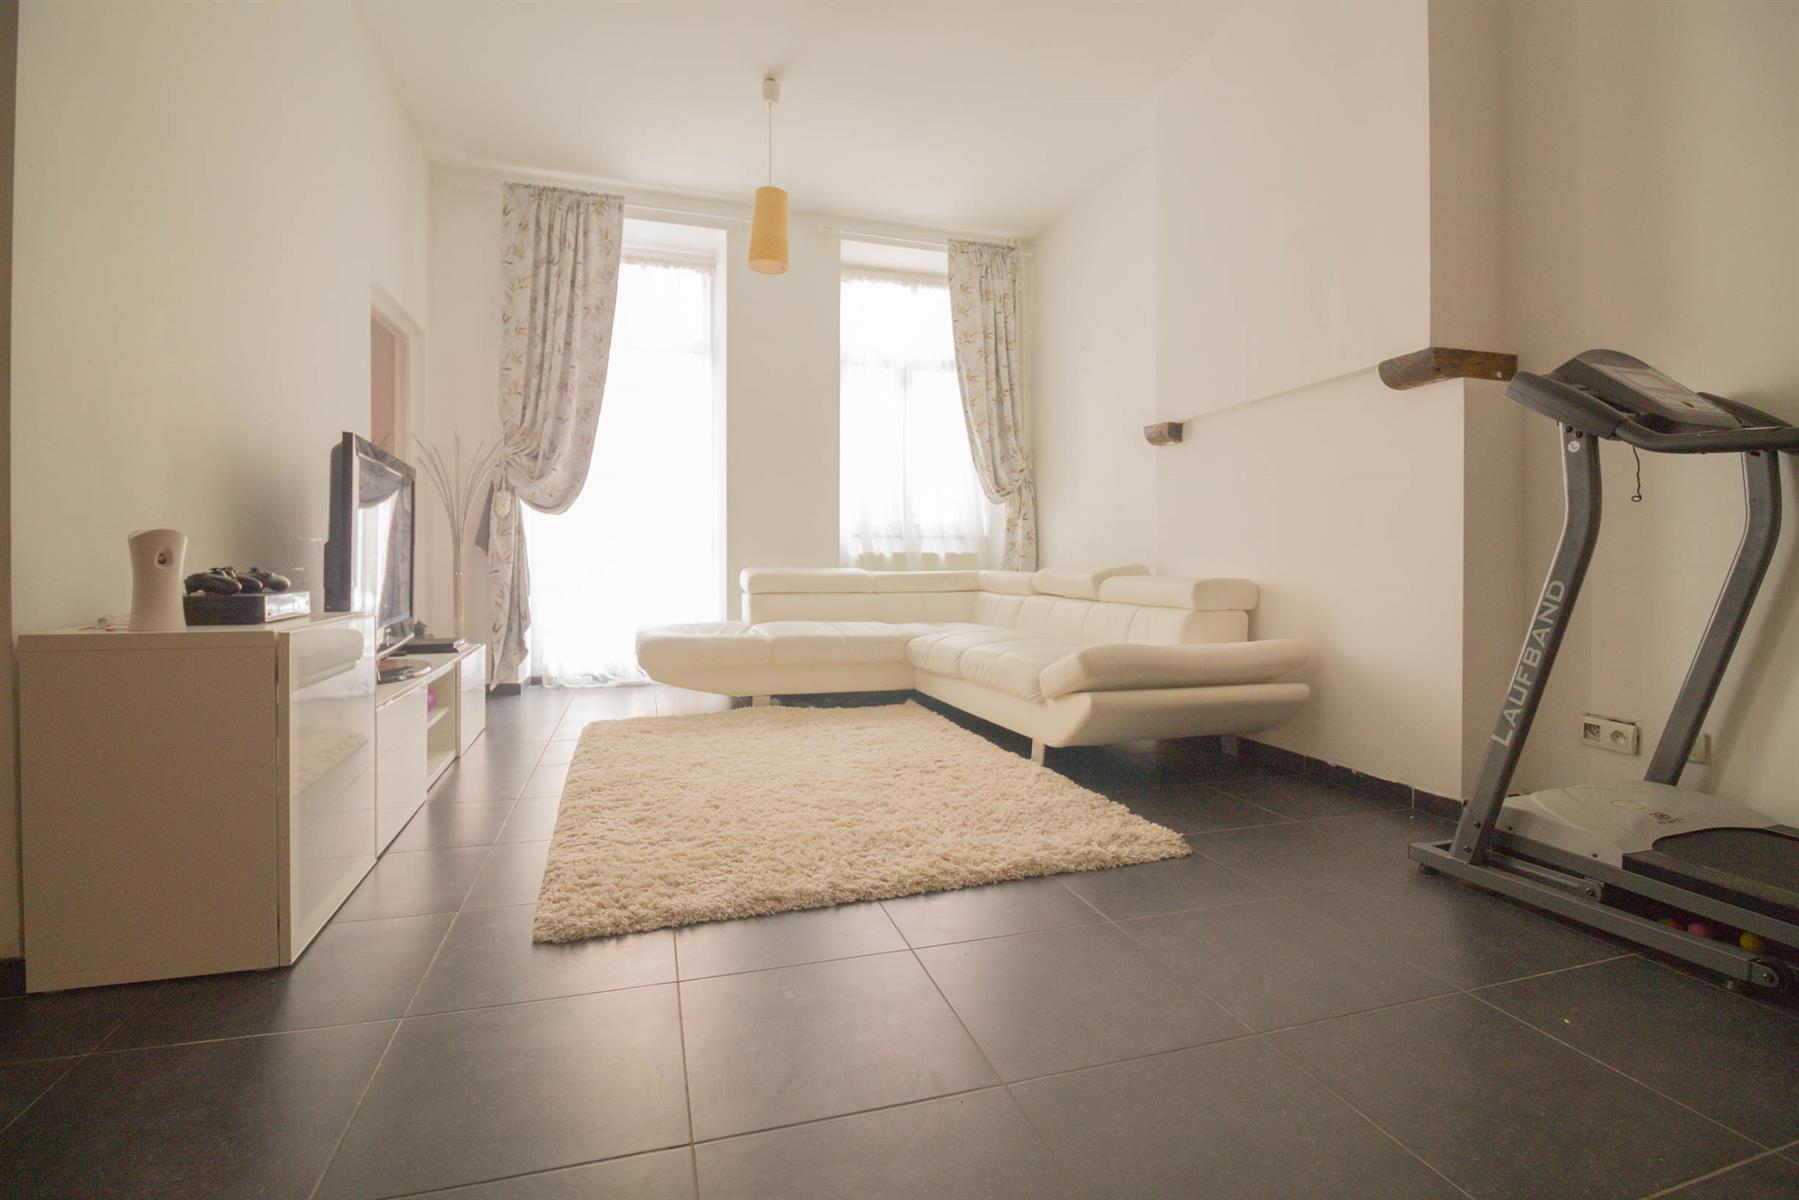 Maison - Charleroi - #4030329-5